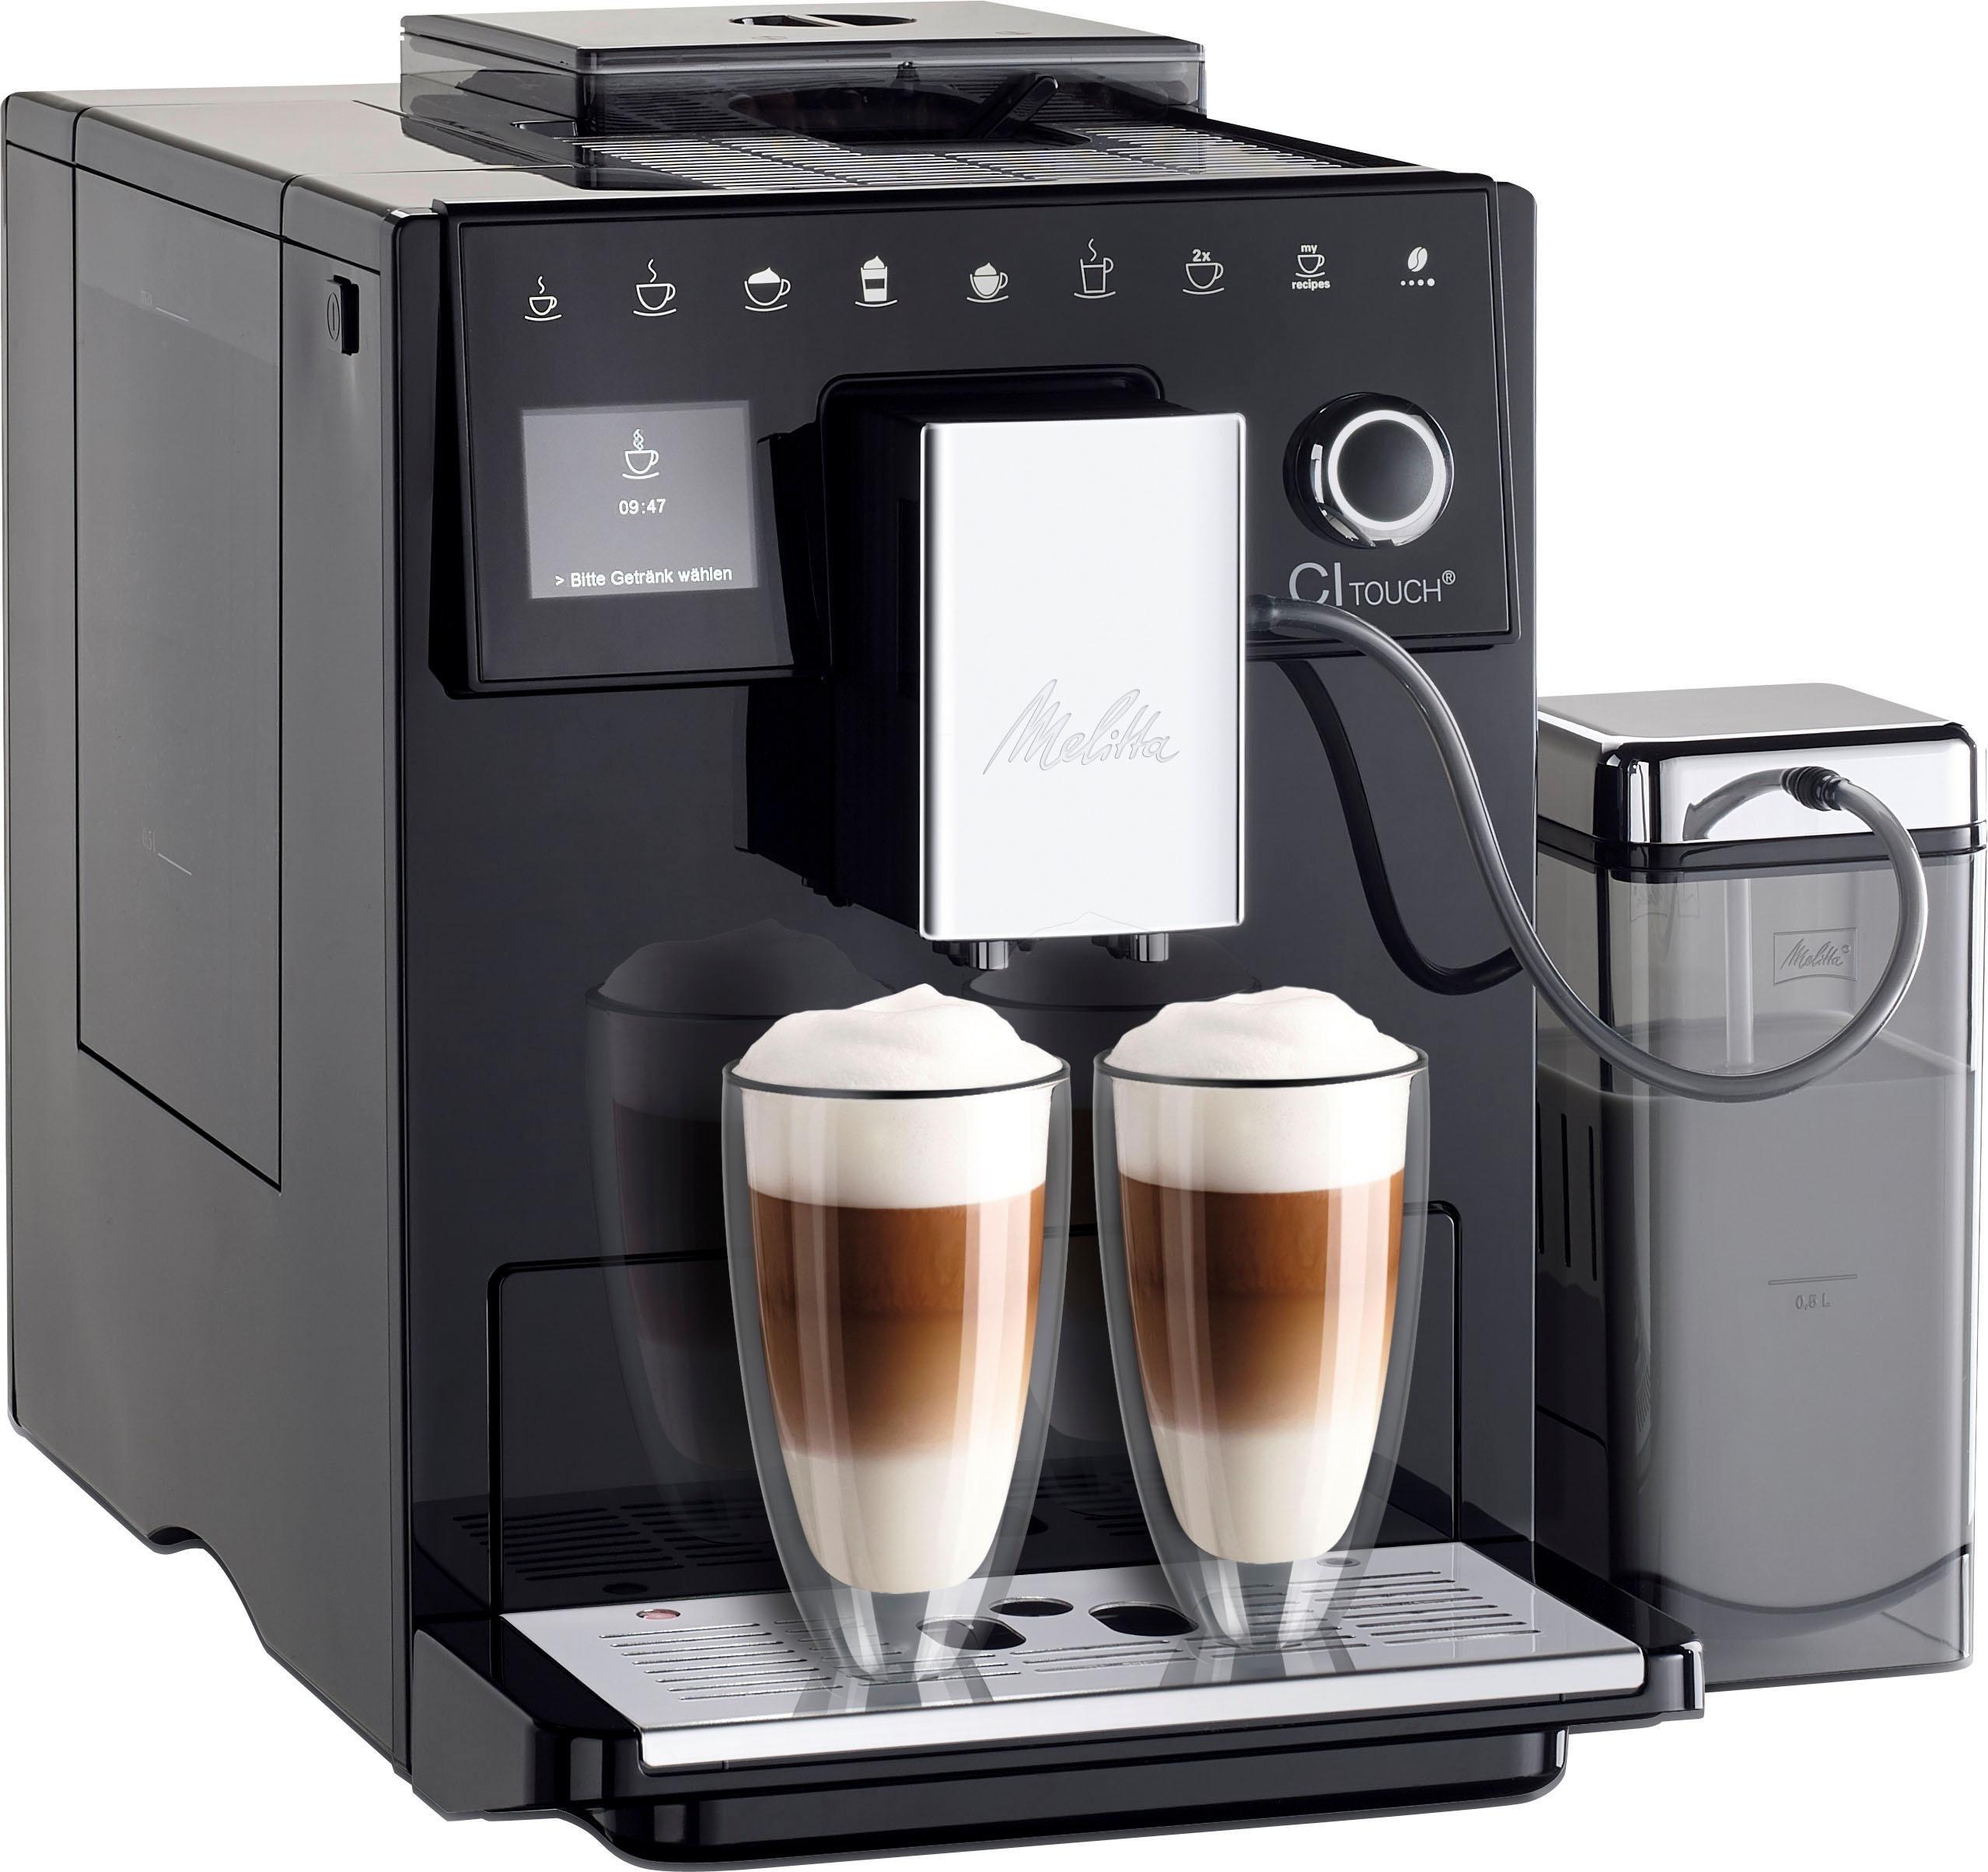 Kaffeevollautomat ® CI Touch® F 630-102, schwarz, Vielfältiger Kaffeegenuss durch insgesamt 10 Kaffeevariationen